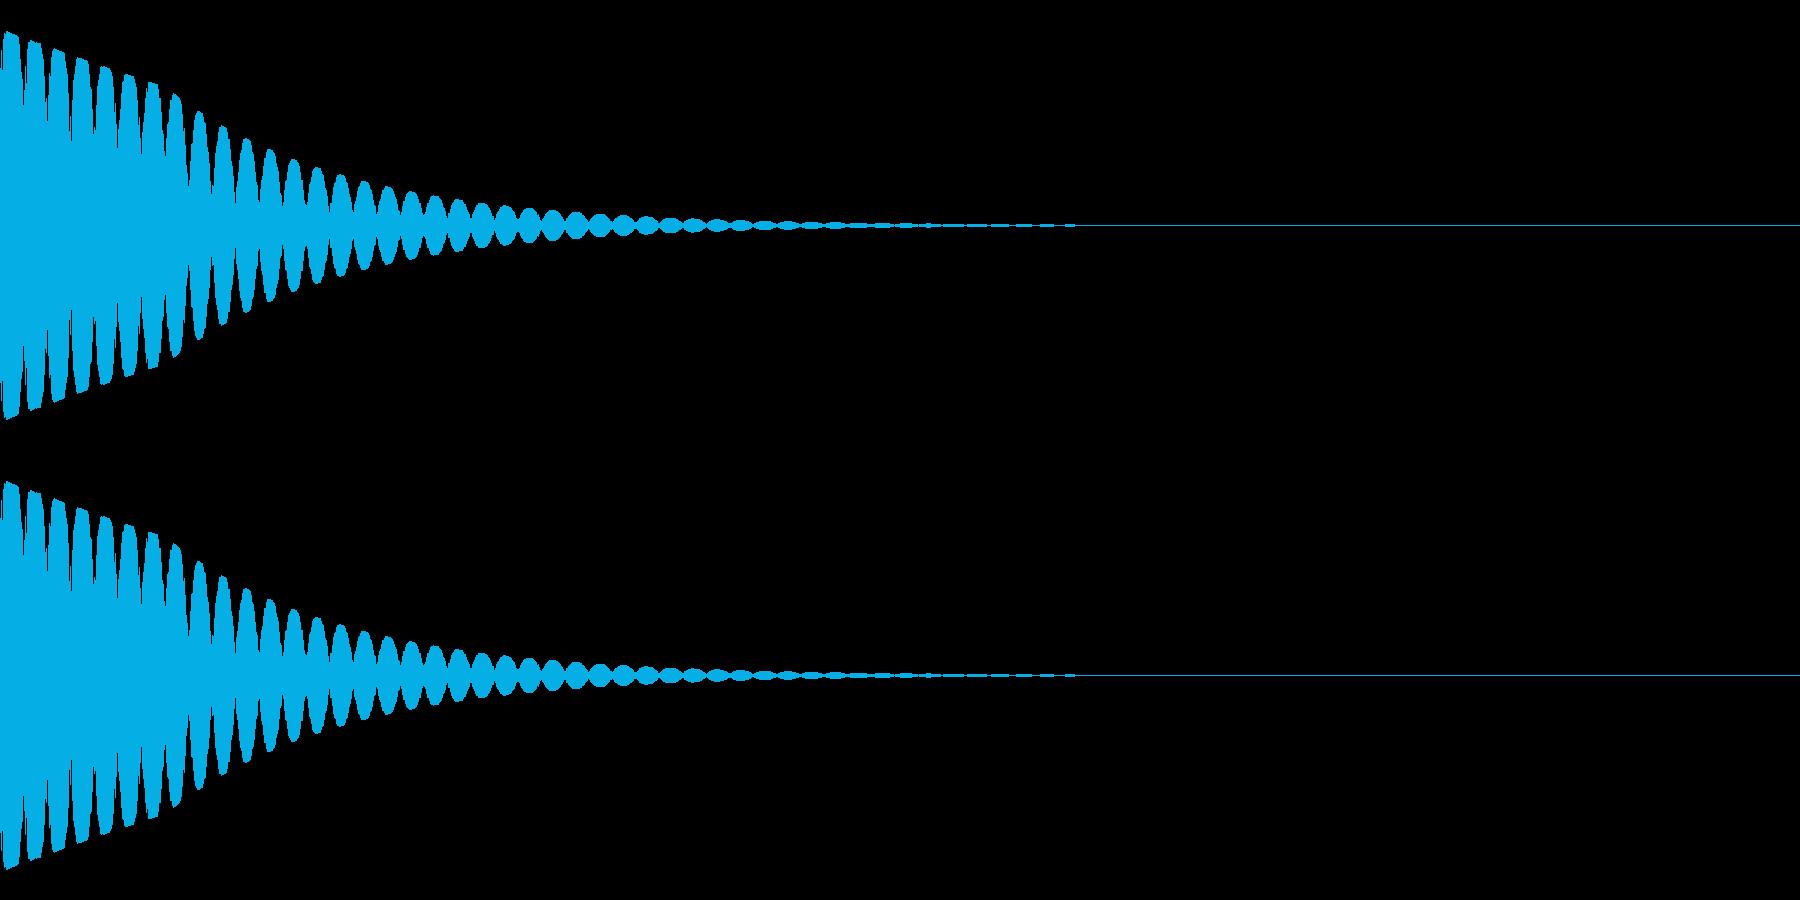 プォン~~の再生済みの波形